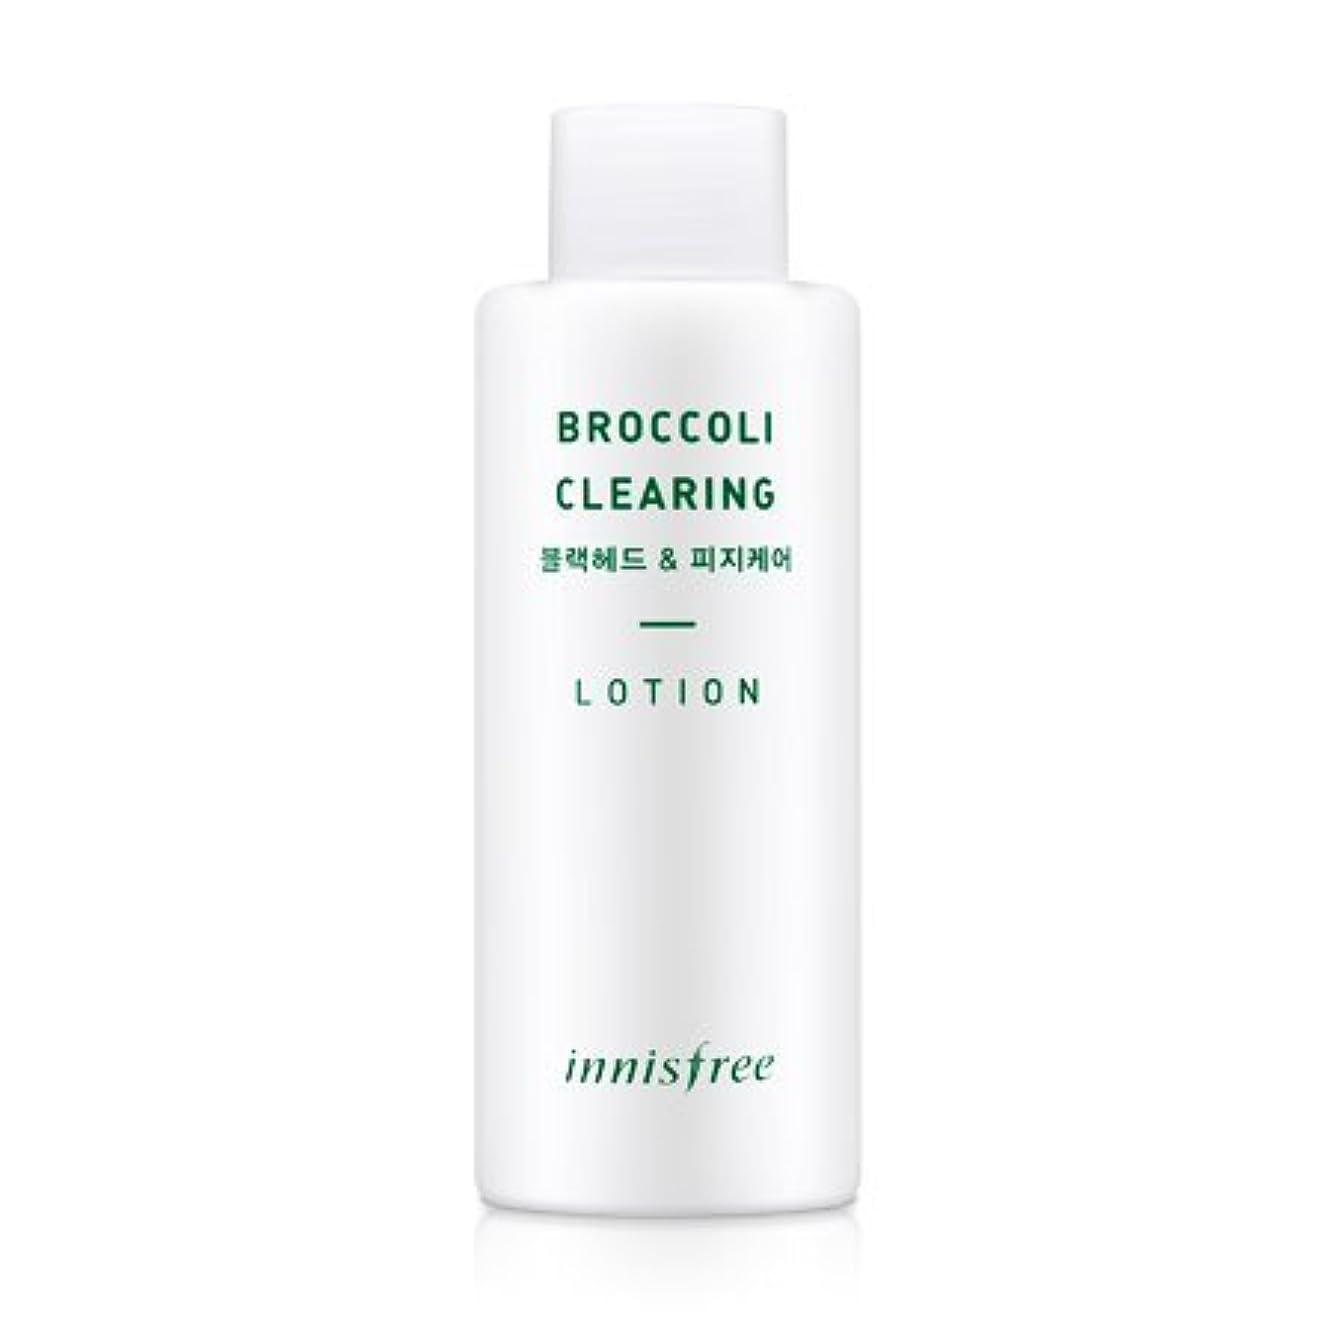 良性バンド属性[innisfree(イニスフリー)] Super food_ Broccoli clearing lotion (130ml) スーパーフード_ブロッコリー クリアリング?ローション[並行輸入品][海外直送品]